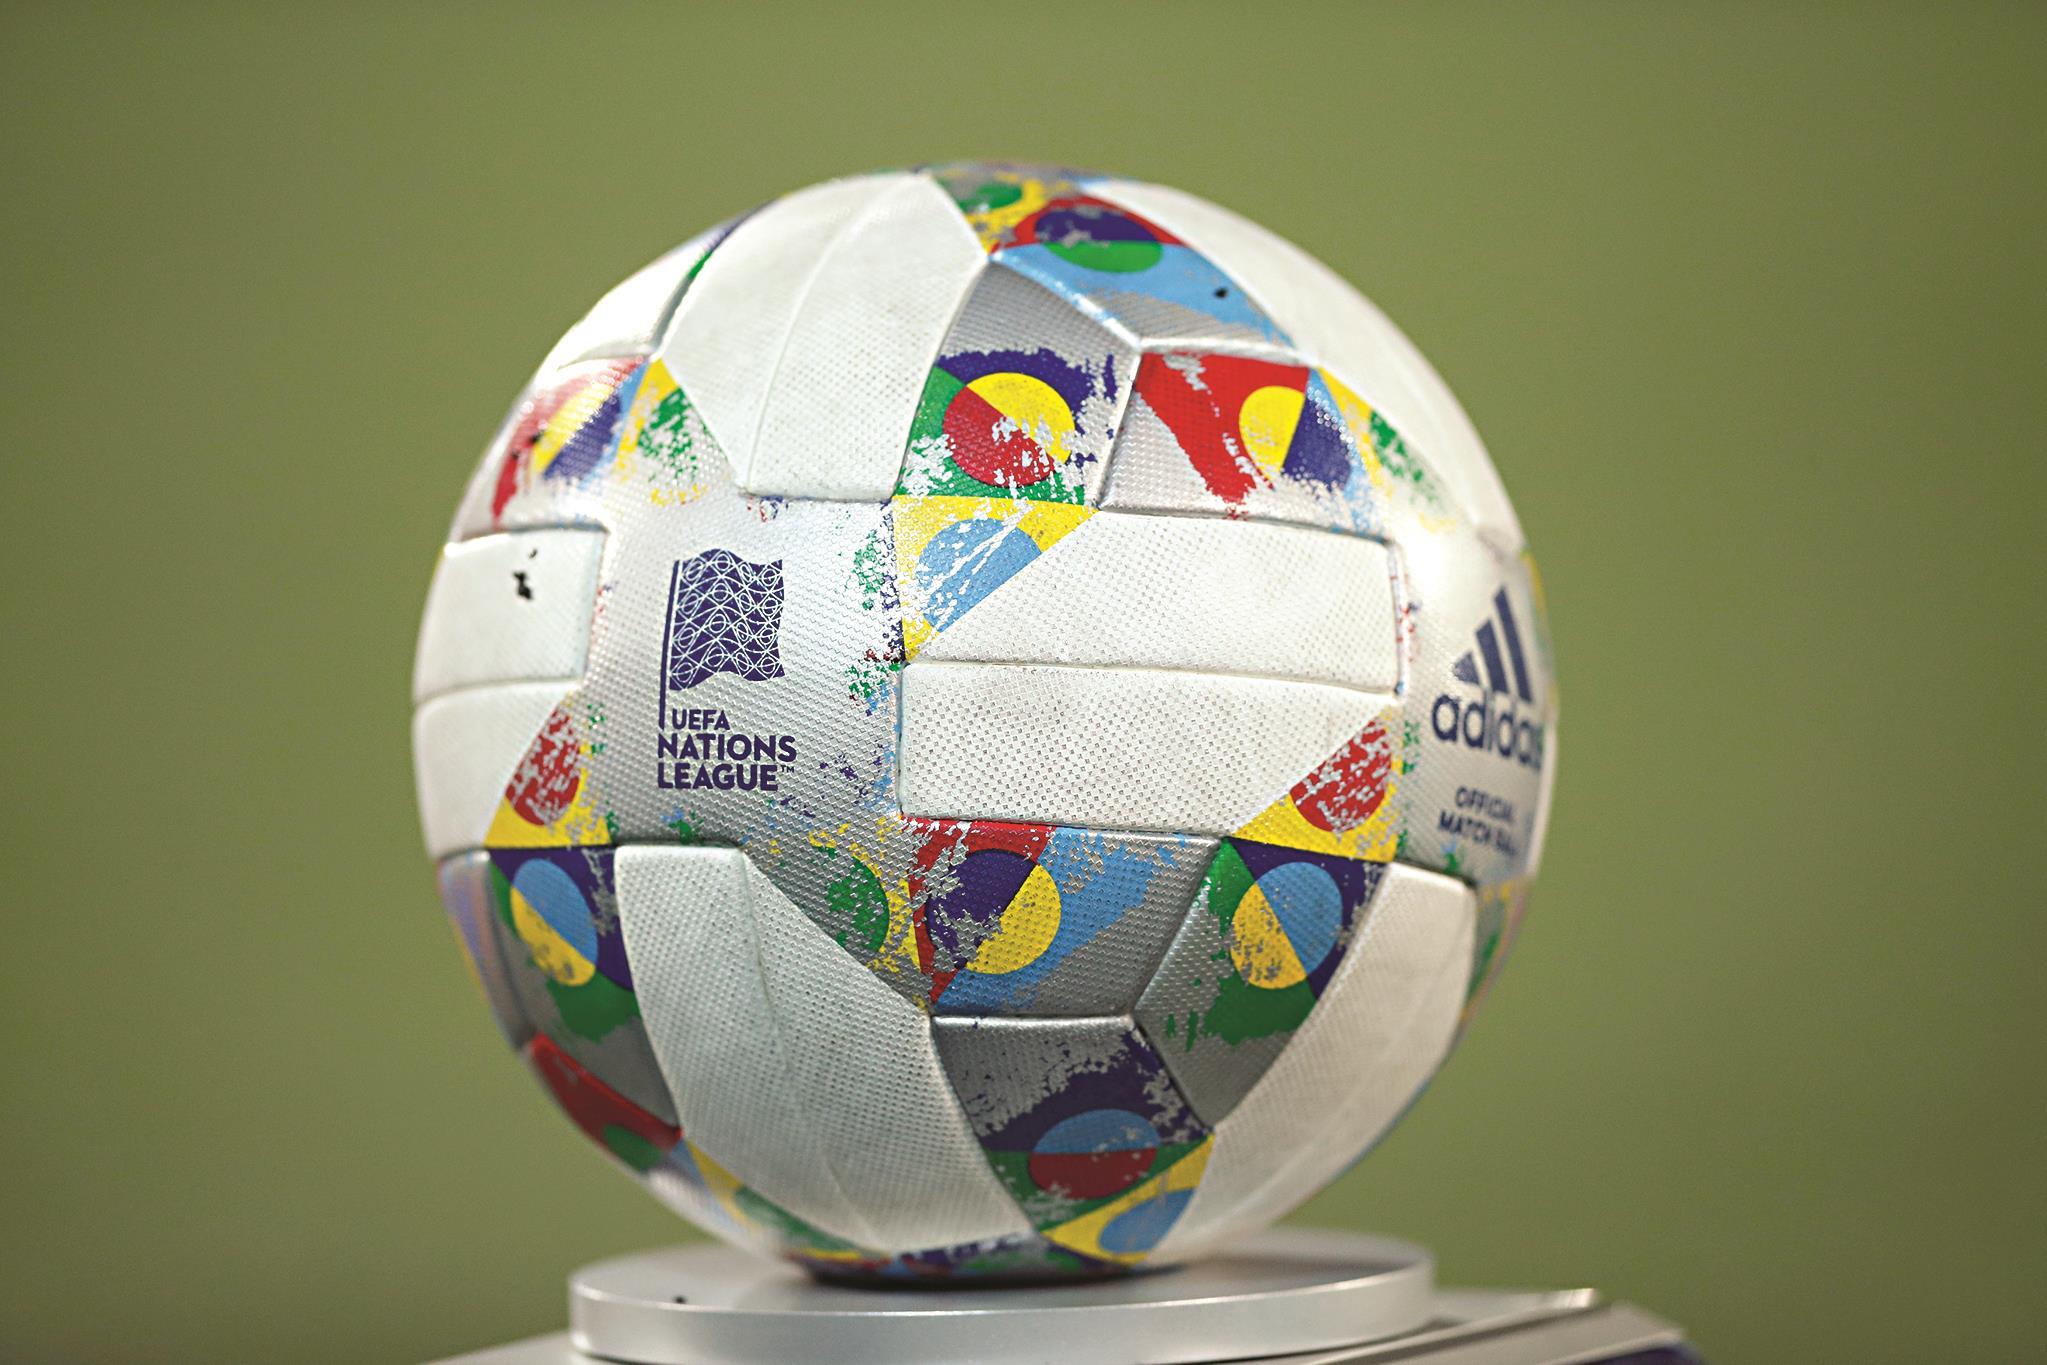 دوري الأمم الأوروبية... «ثغرات» في بطولة وليدة - دوت امارات